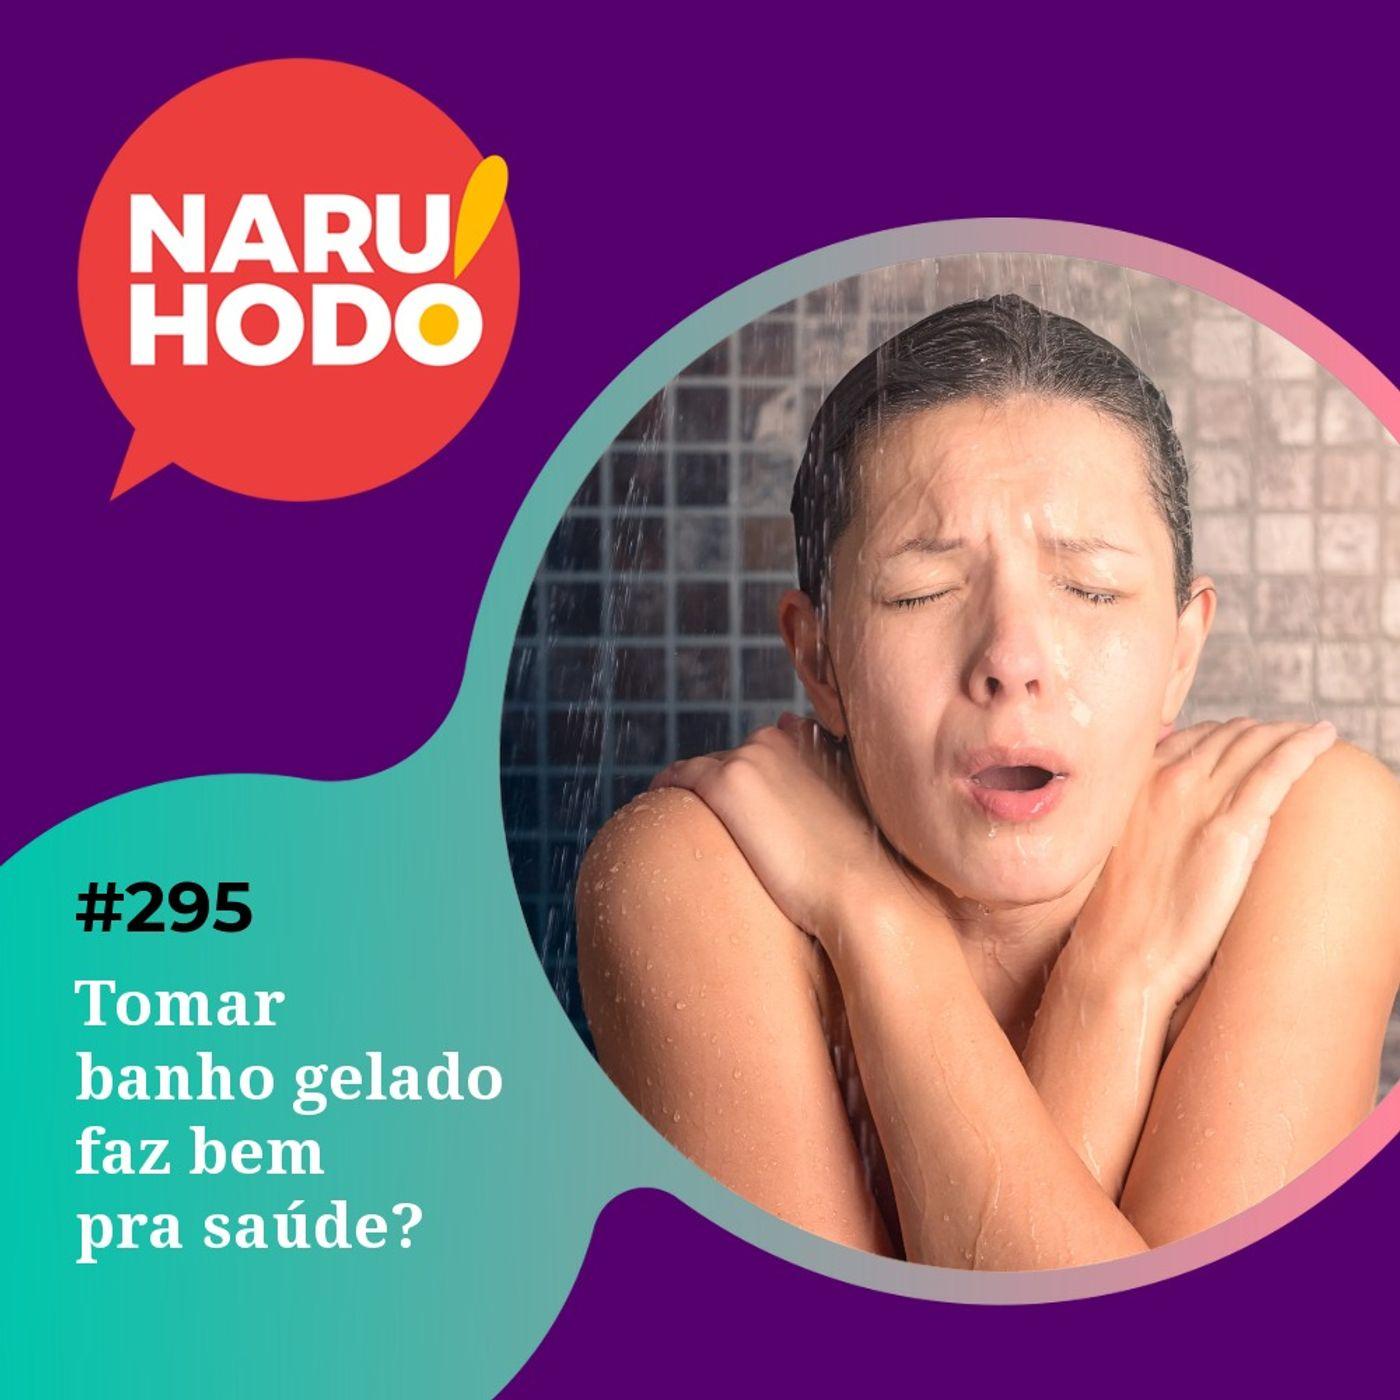 Naruhodo #295 - Tomar banho gelado faz bem pra saúde?